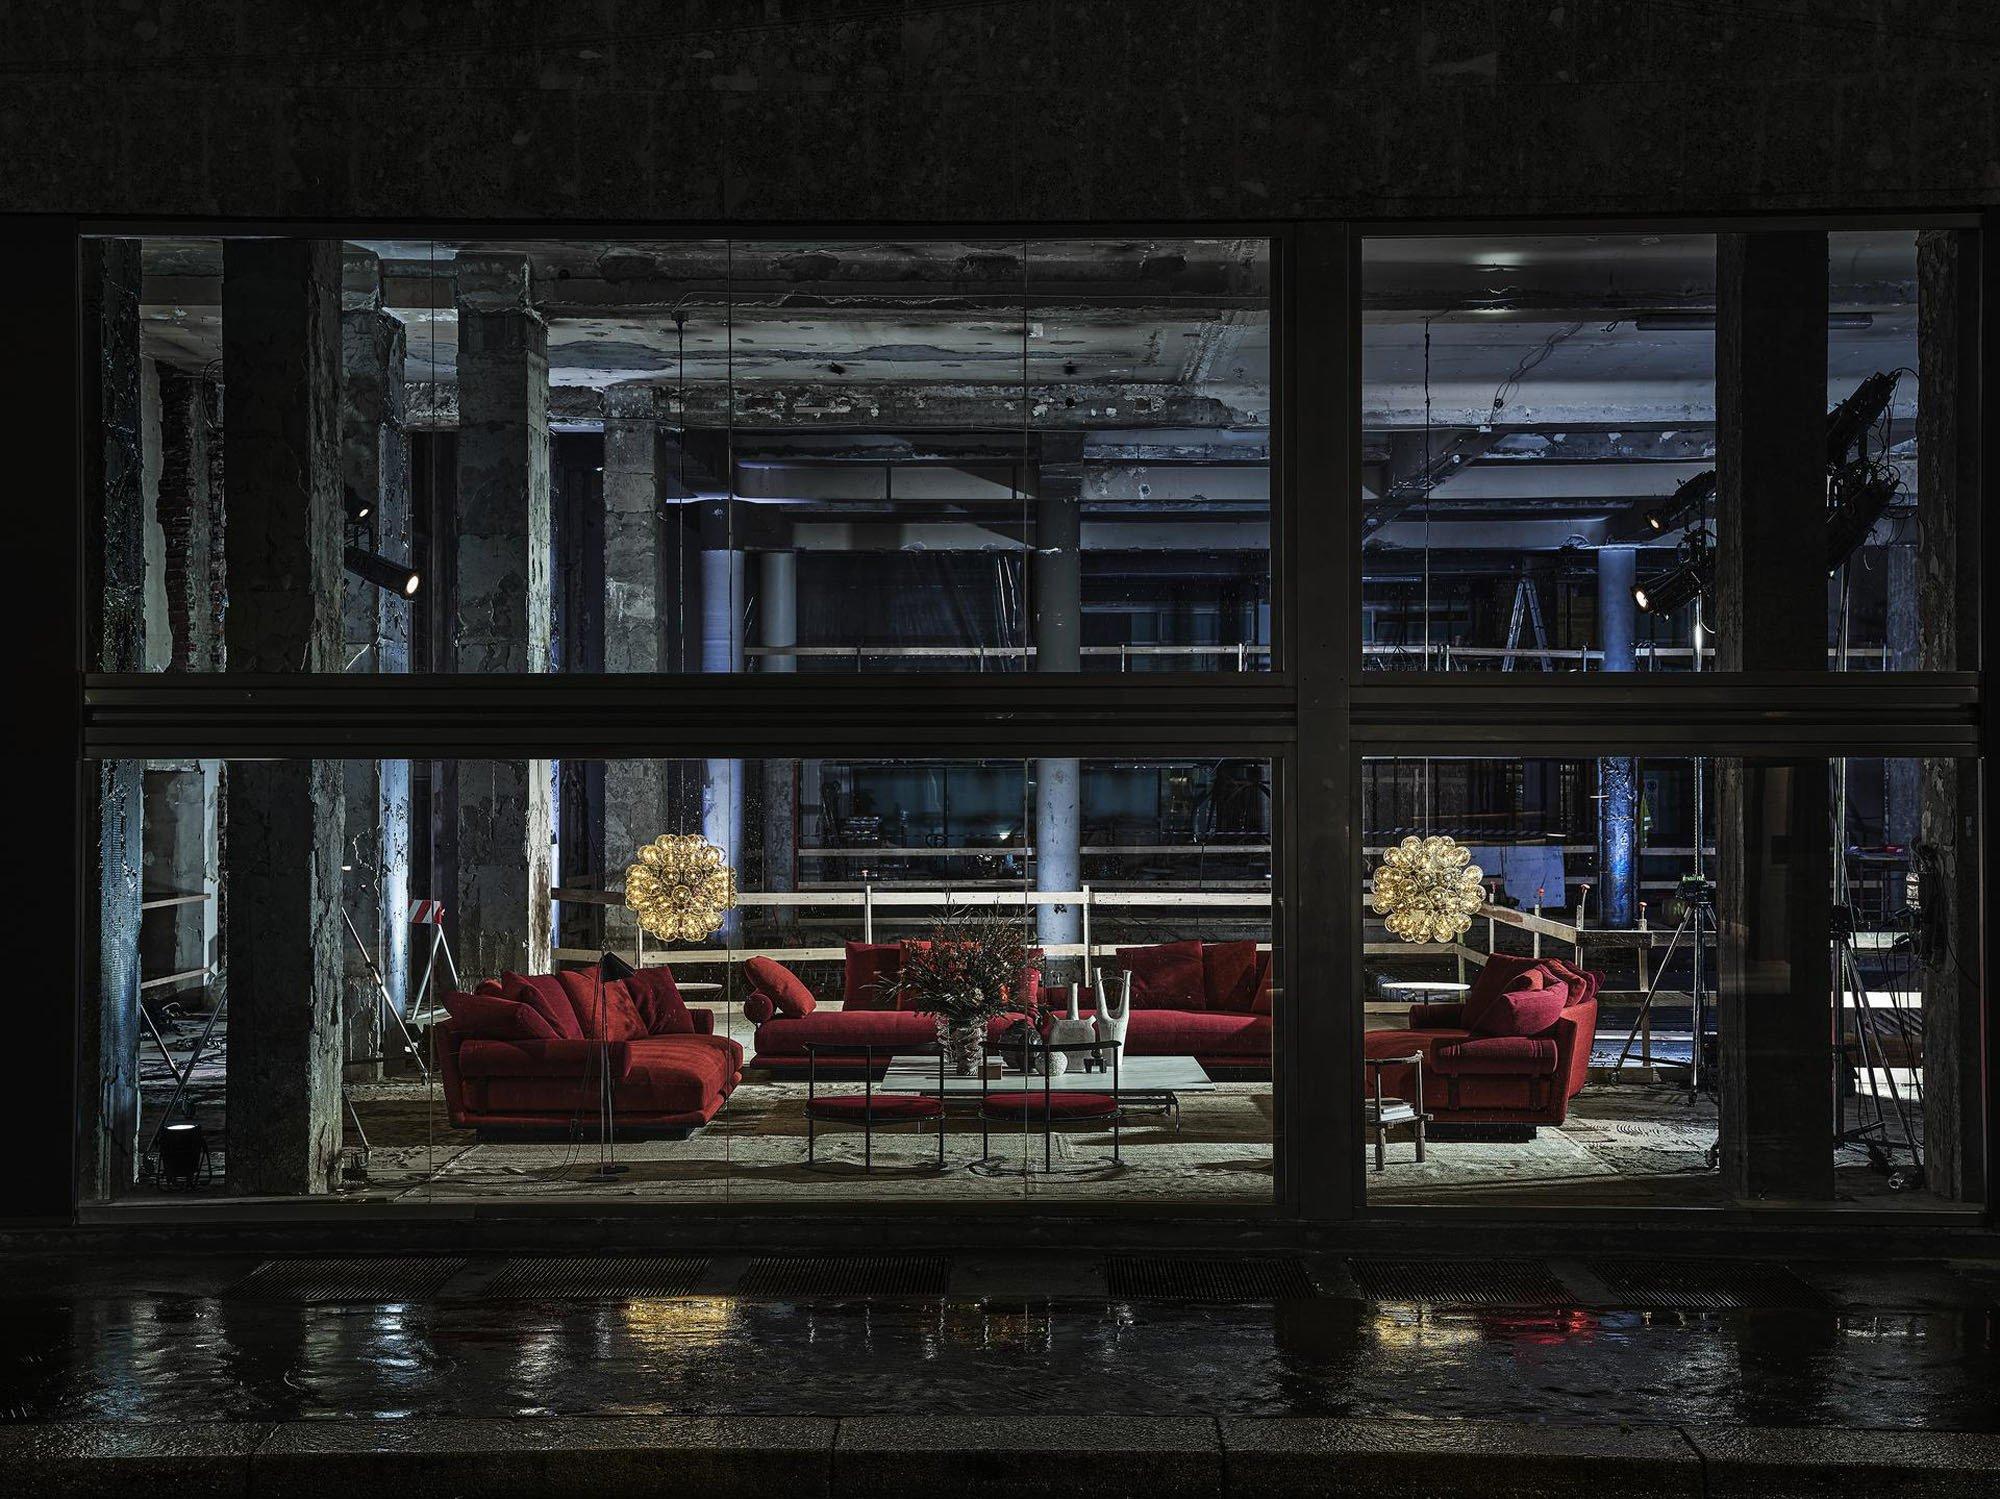 B&B Italia stellt die schwungvolle Polsterkollektion Noonu von Antonio Citterio vor, die diesmal in der Via Durini nur von außen zu sehen ist: inmitten des völlig entkernten Showrooms, der von Piero Lissoni – dem neuen Art Direktor der Marke – gerade umgebaut wird.Foto: Matteo Imbriani